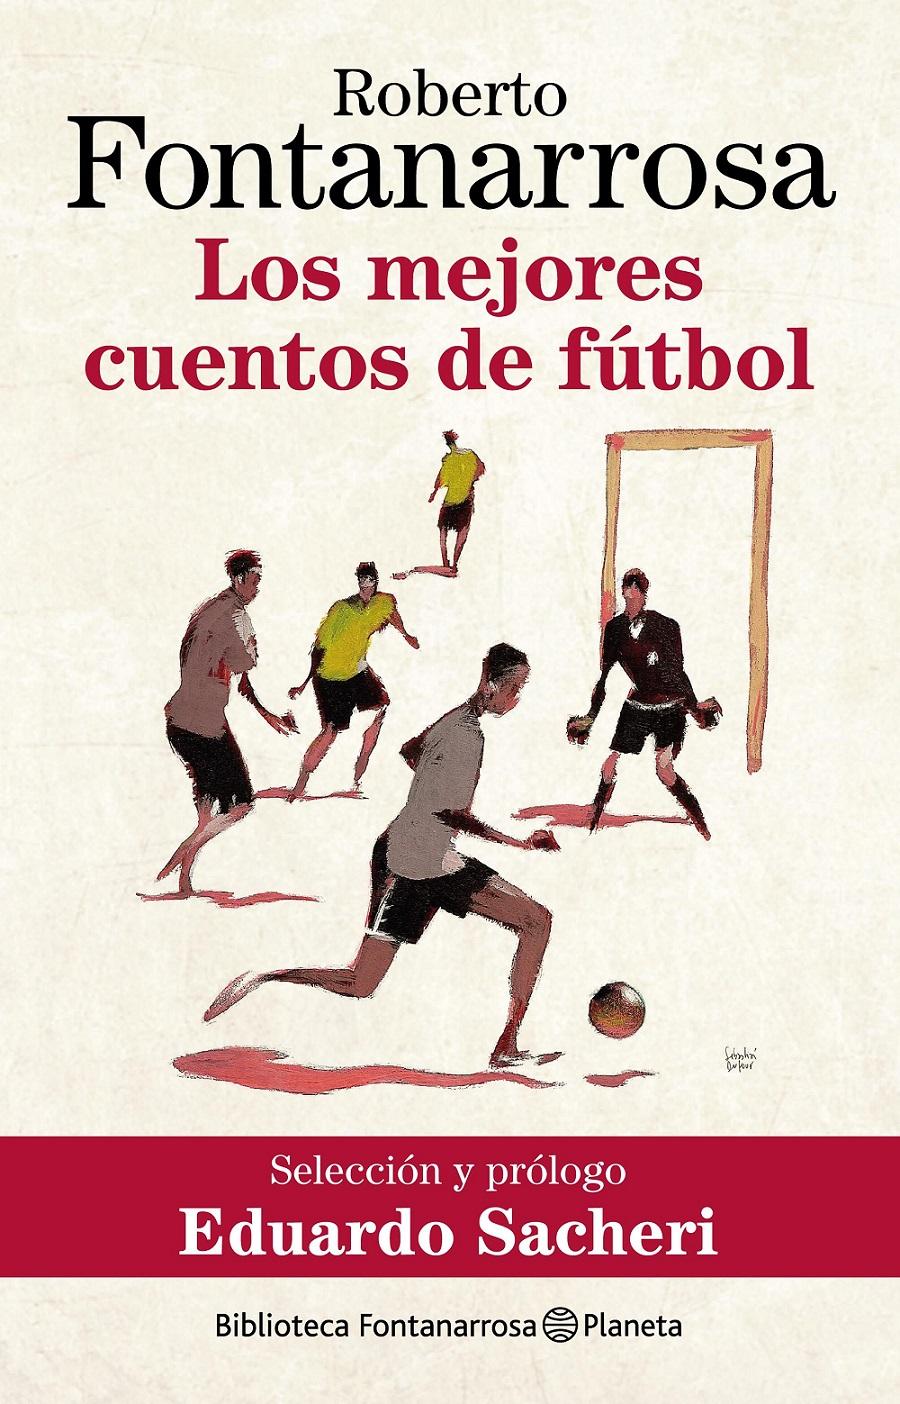 Los mejores cuentos de fútbol